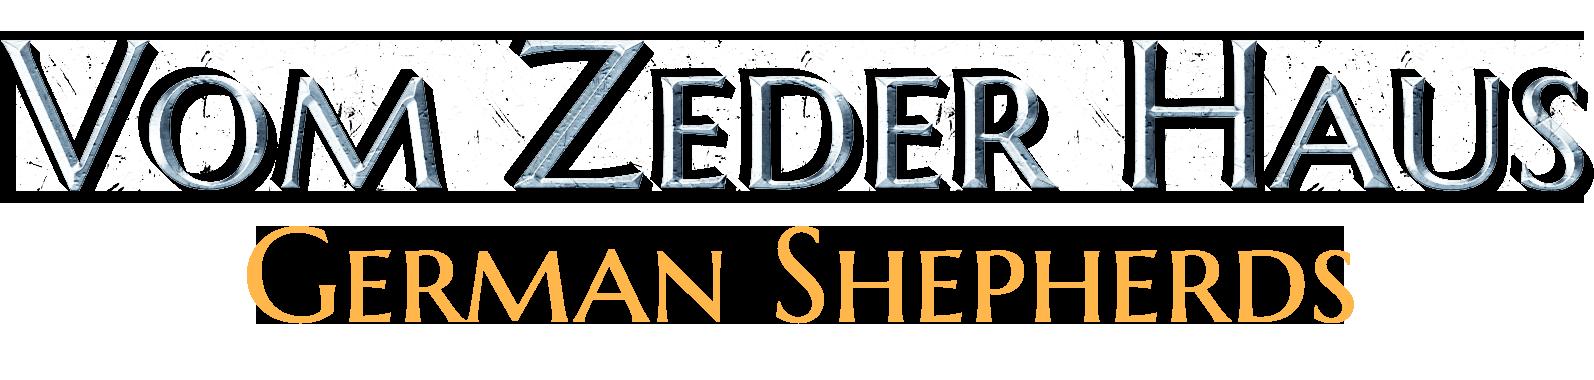 Vom Zeder Haus German Shepherd Dogs KY